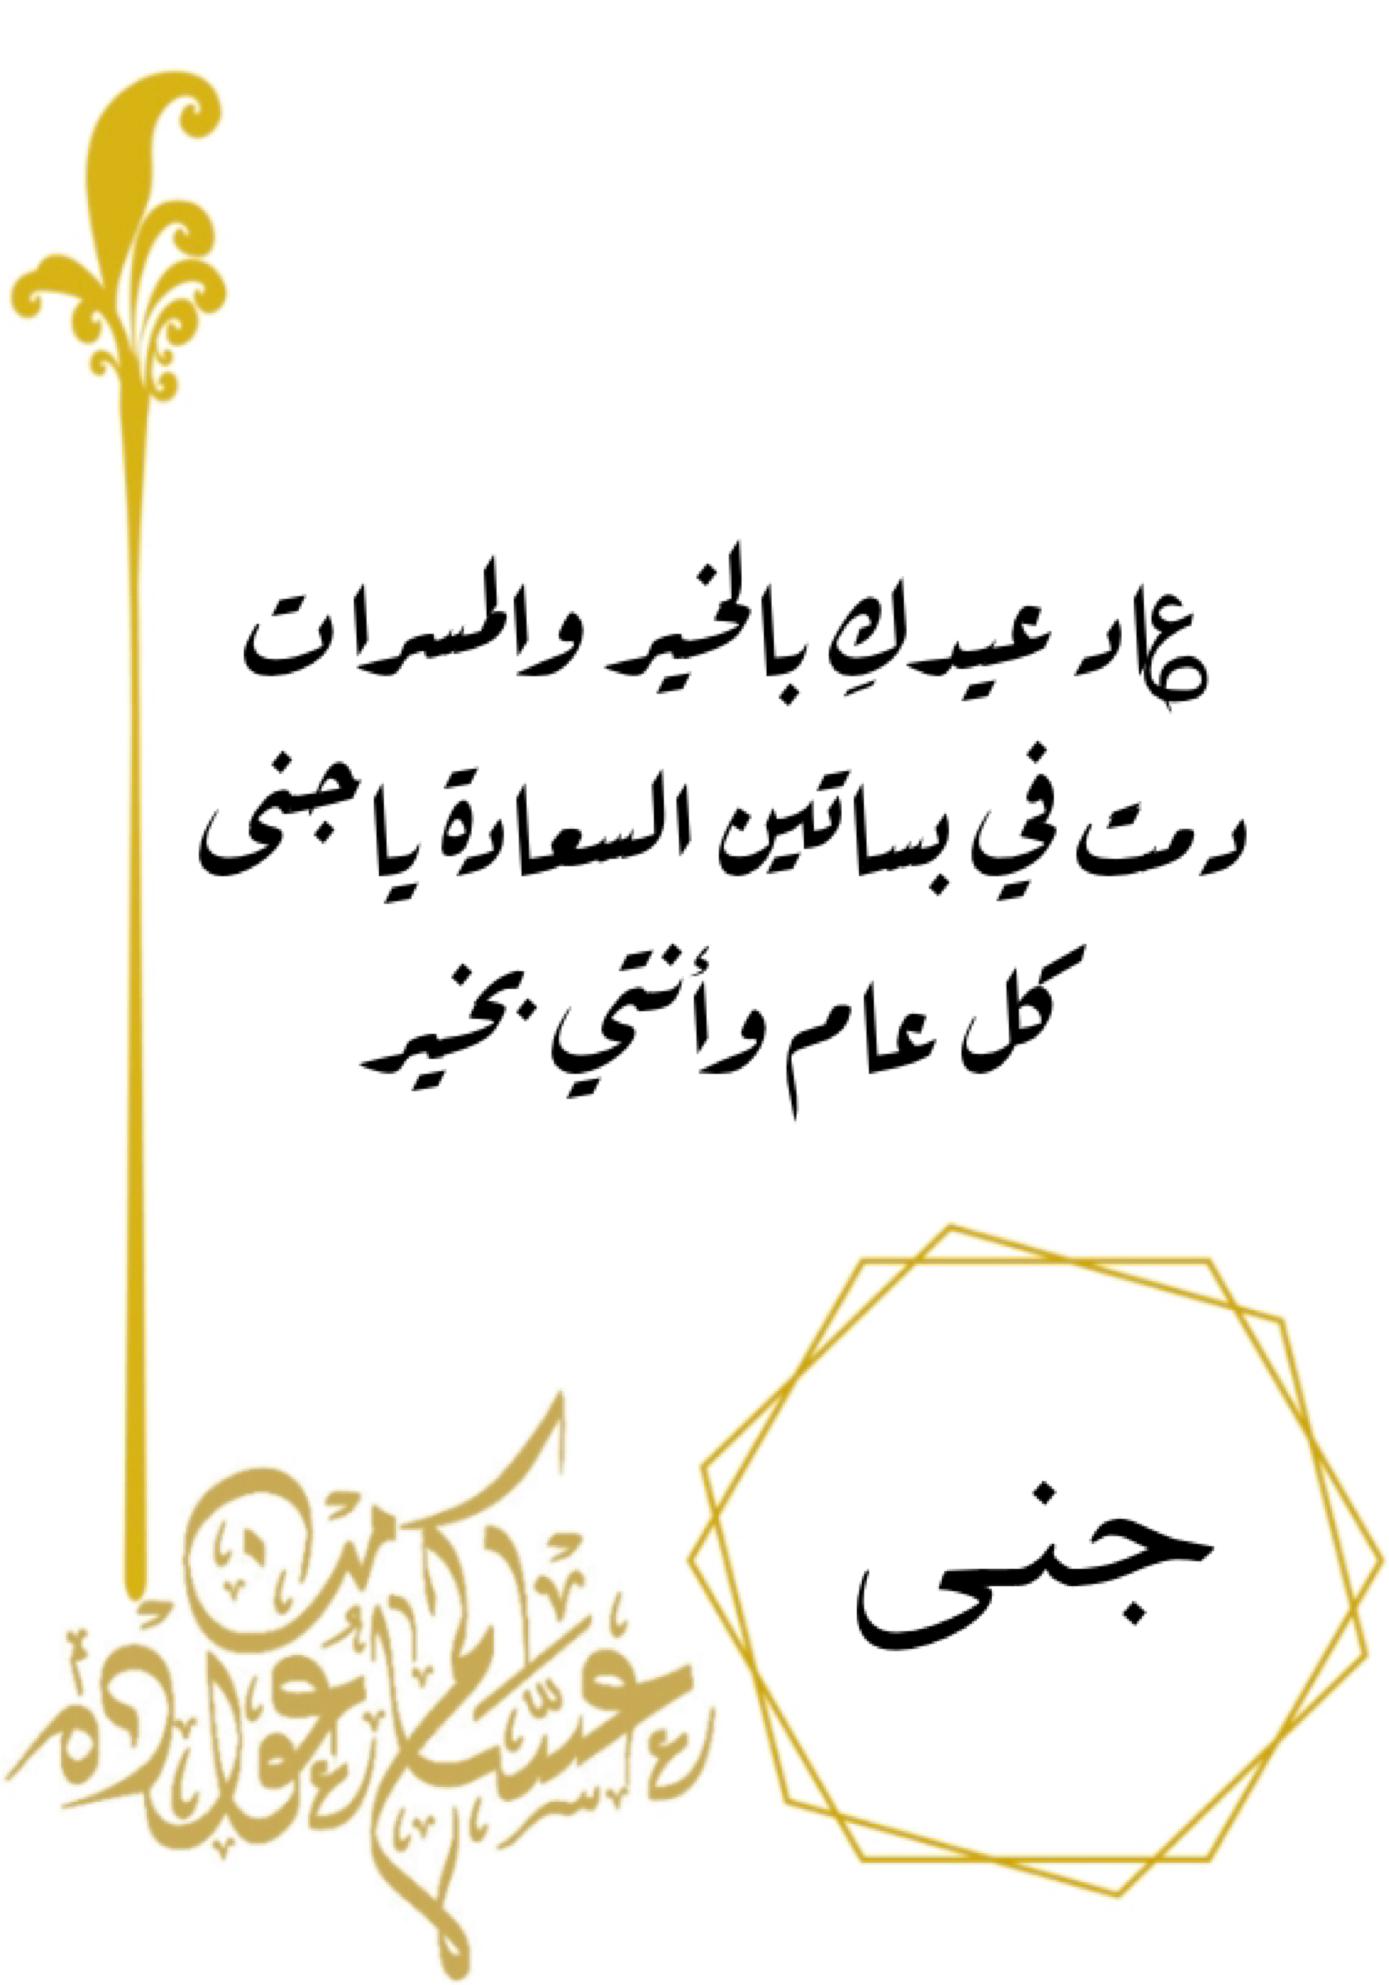 كل عام وانتم بخير In 2020 Arabic Calligraphy Art Calligraphy